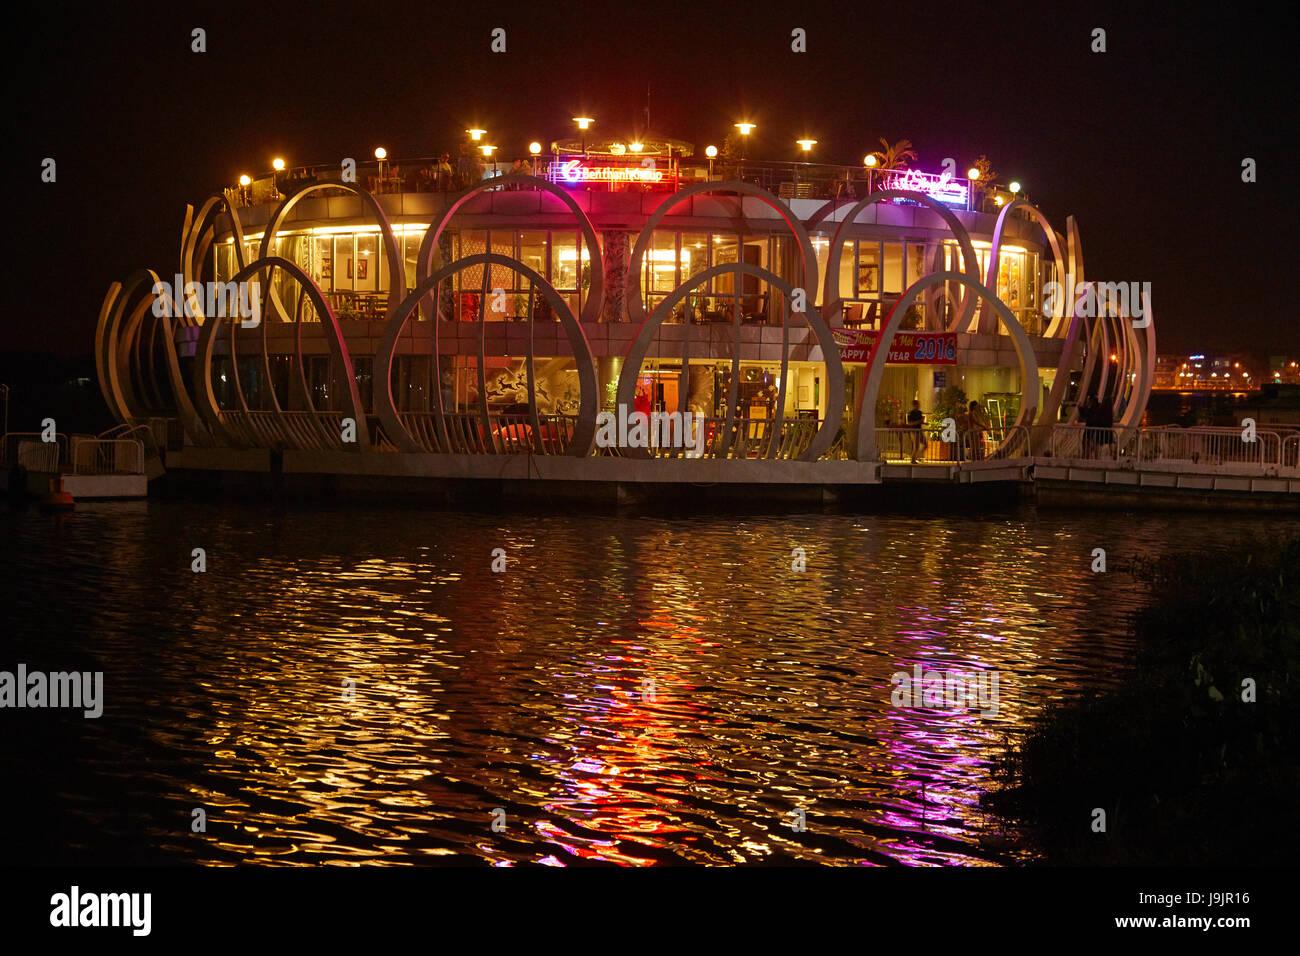 Song Huong schwimmende Restaurant, Parfüm-Fluss, Hue, North Central Coast, Vietnam Stockbild